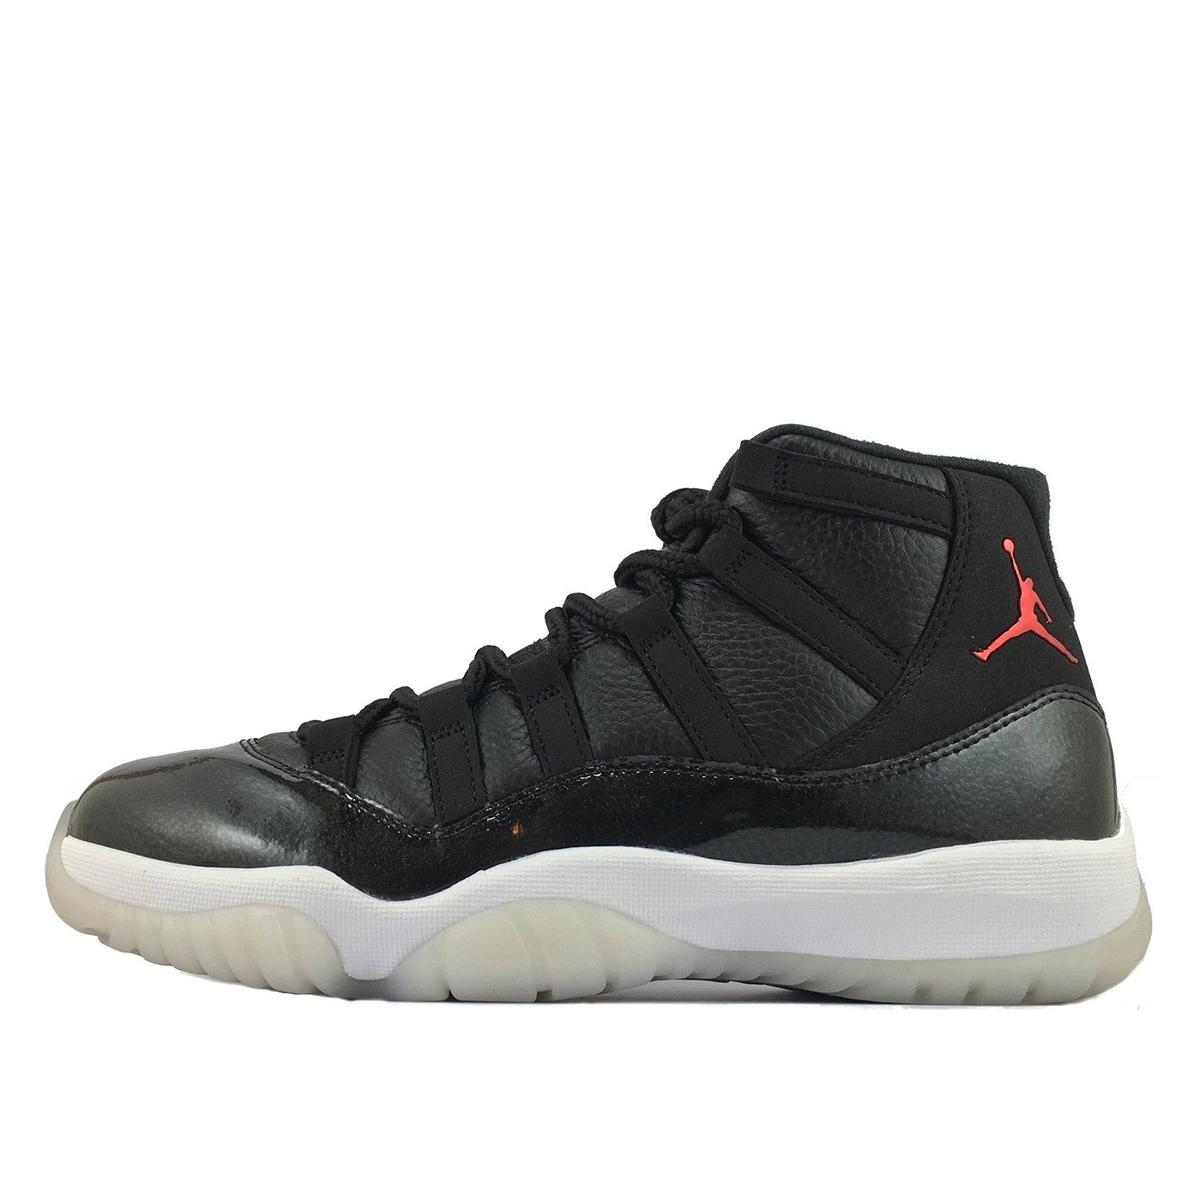 Air Jordan Nike AJ 11 XI Retro 72-10